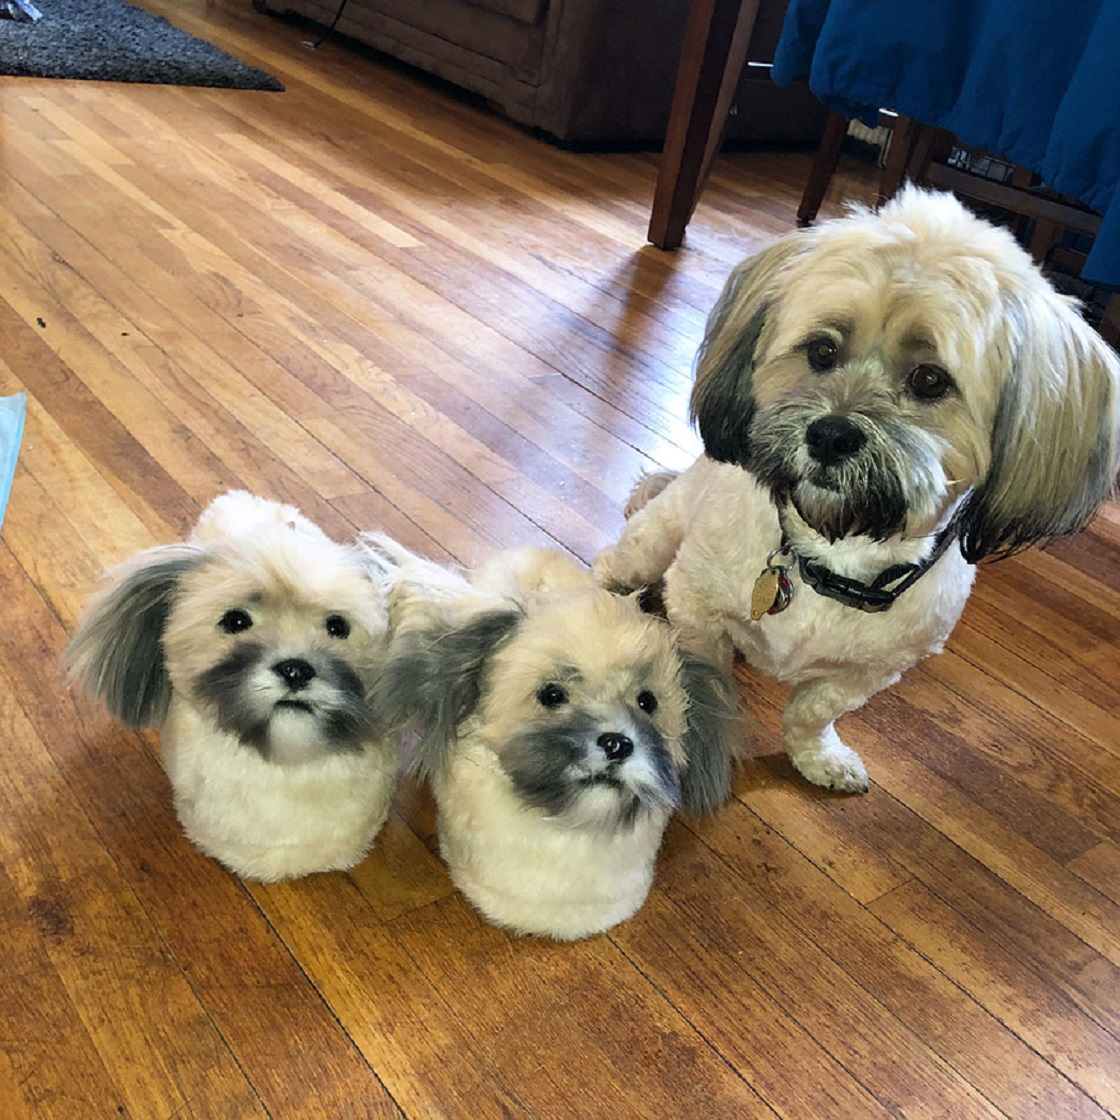 Pantuflas en forma de mascotas